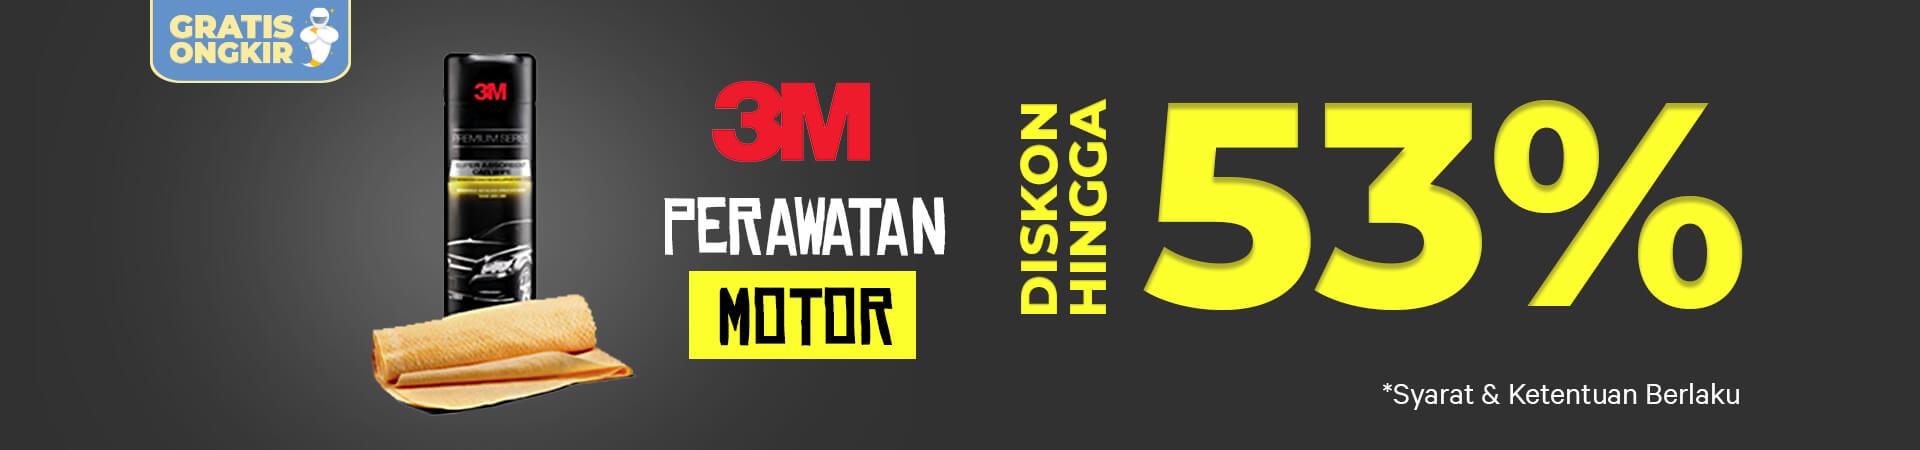 Promo Sampo Motor 3M - Diskon Hingga 53% - Free Ongkir-